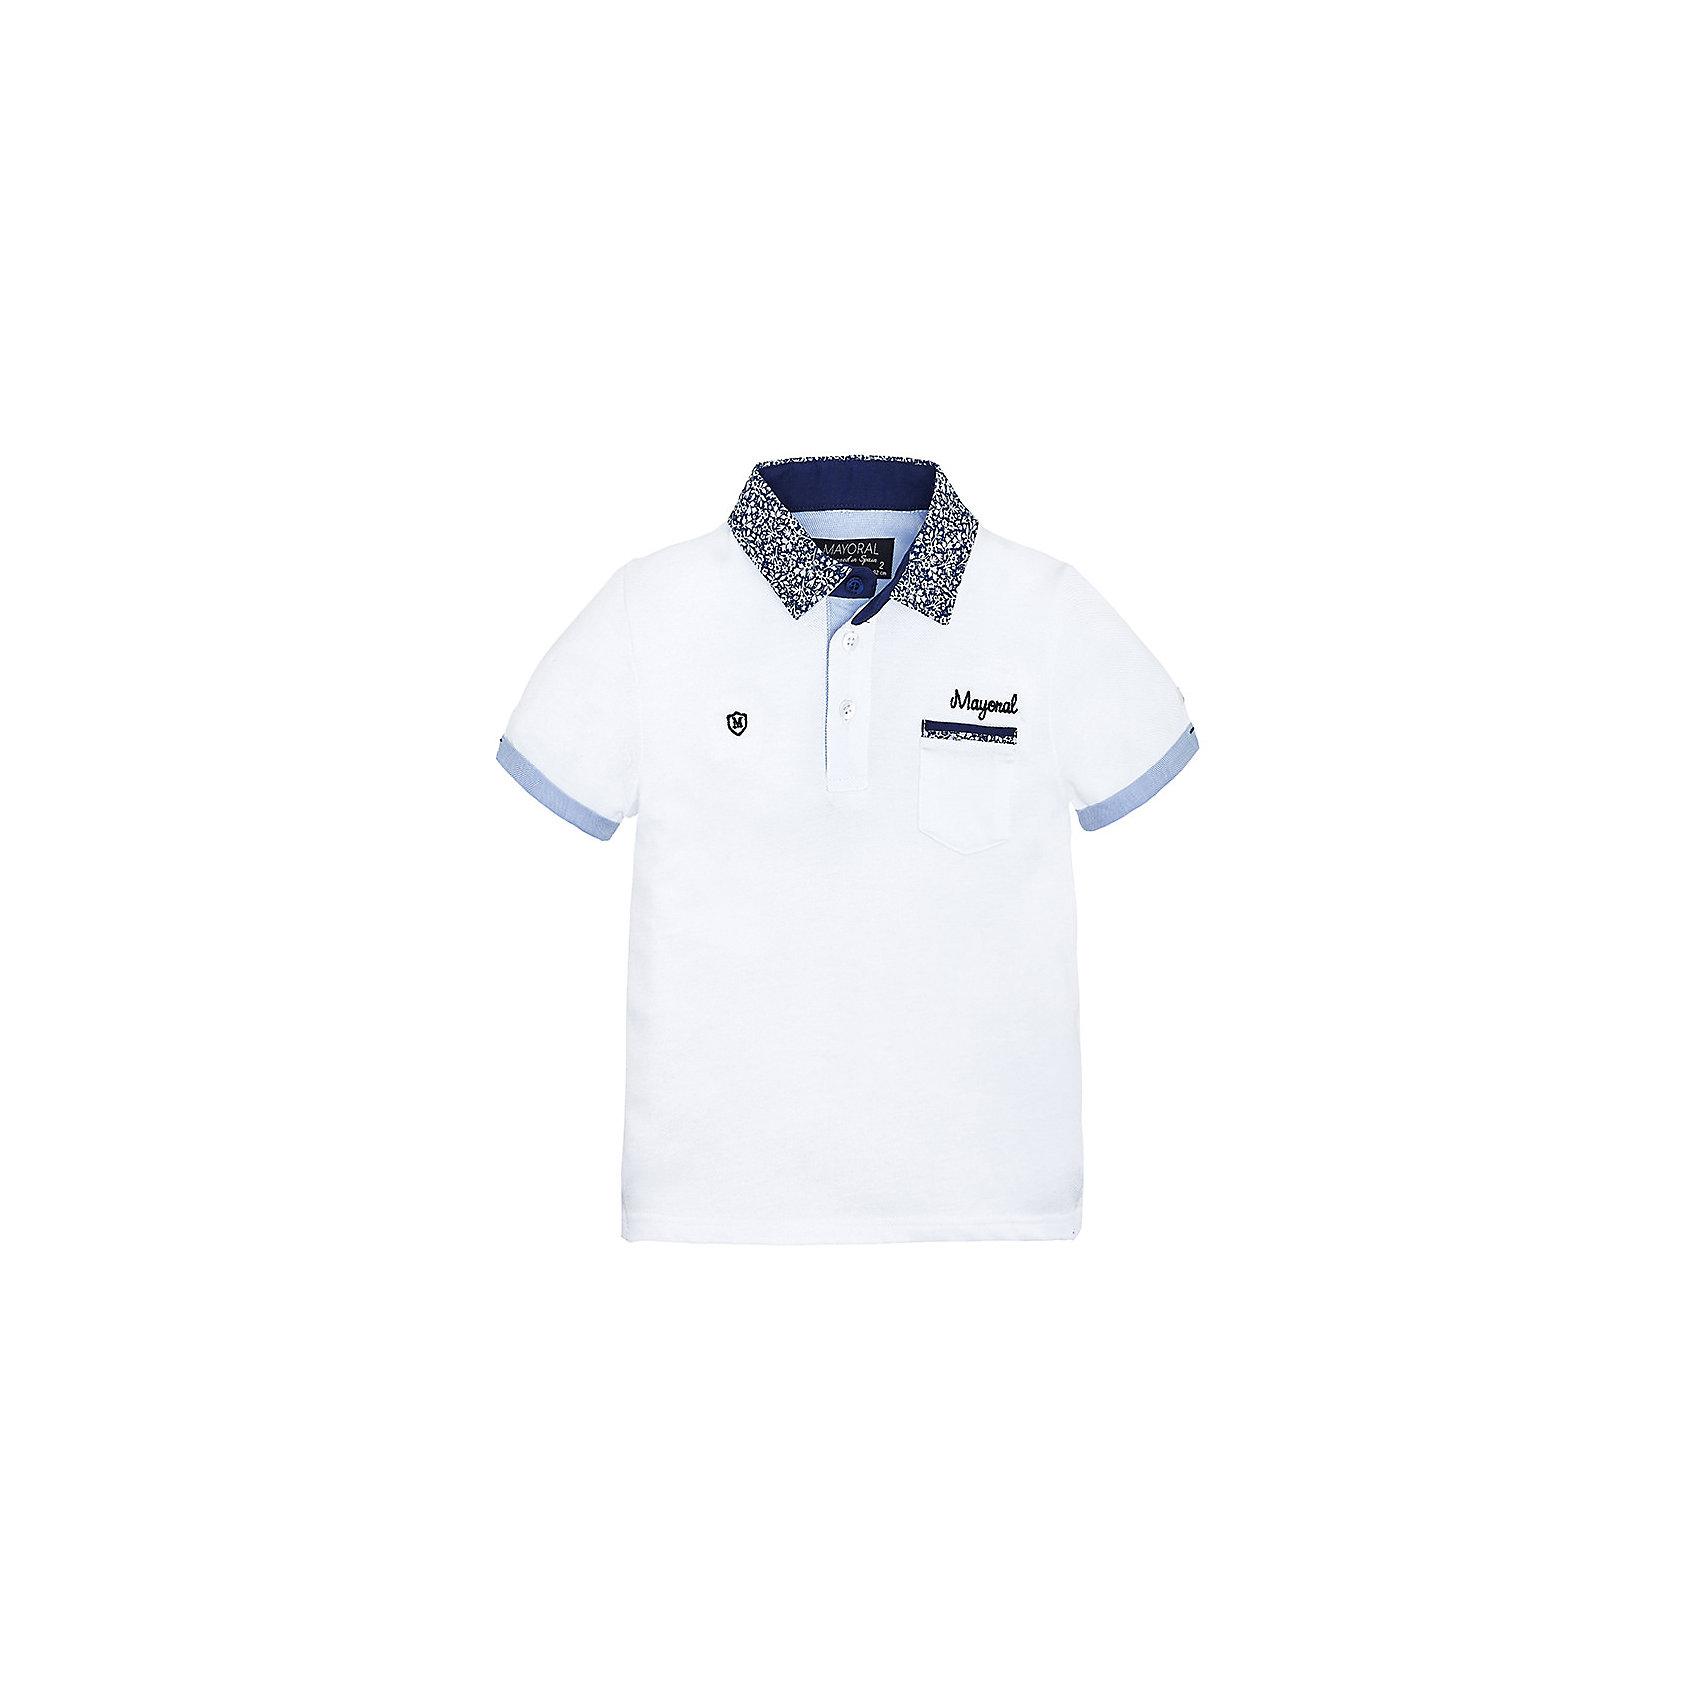 Футболка-поло для мальчика MayoralФутболки, поло и топы<br>Рубашка-поло для мальчика от известной испанской марки Mayoral <br><br>Стильная рубашка от Mayoral смотрится отлично и с джинсами и с брюками.  Модель выполнена из качественных материалов, хорошо сидит по фигуре. Модная и универсальная вещь.<br><br>Особенности модели:<br><br>- цвет: белый;<br>- рукава короткие;<br>- контрастная отделка ворота и рукавов;<br>- украшена вышивкой;<br>- натуральный материал.<br><br>Дополнительная информация:<br><br>Состав: 100% хлопок<br><br>Рубашку-поло для мальчика Mayoral (Майорал) можно купить в нашем магазине.<br><br>Ширина мм: 174<br>Глубина мм: 10<br>Высота мм: 169<br>Вес г: 157<br>Цвет: белый<br>Возраст от месяцев: 84<br>Возраст до месяцев: 96<br>Пол: Мужской<br>Возраст: Детский<br>Размер: 128,122,134,116,110,98,104<br>SKU: 4541711